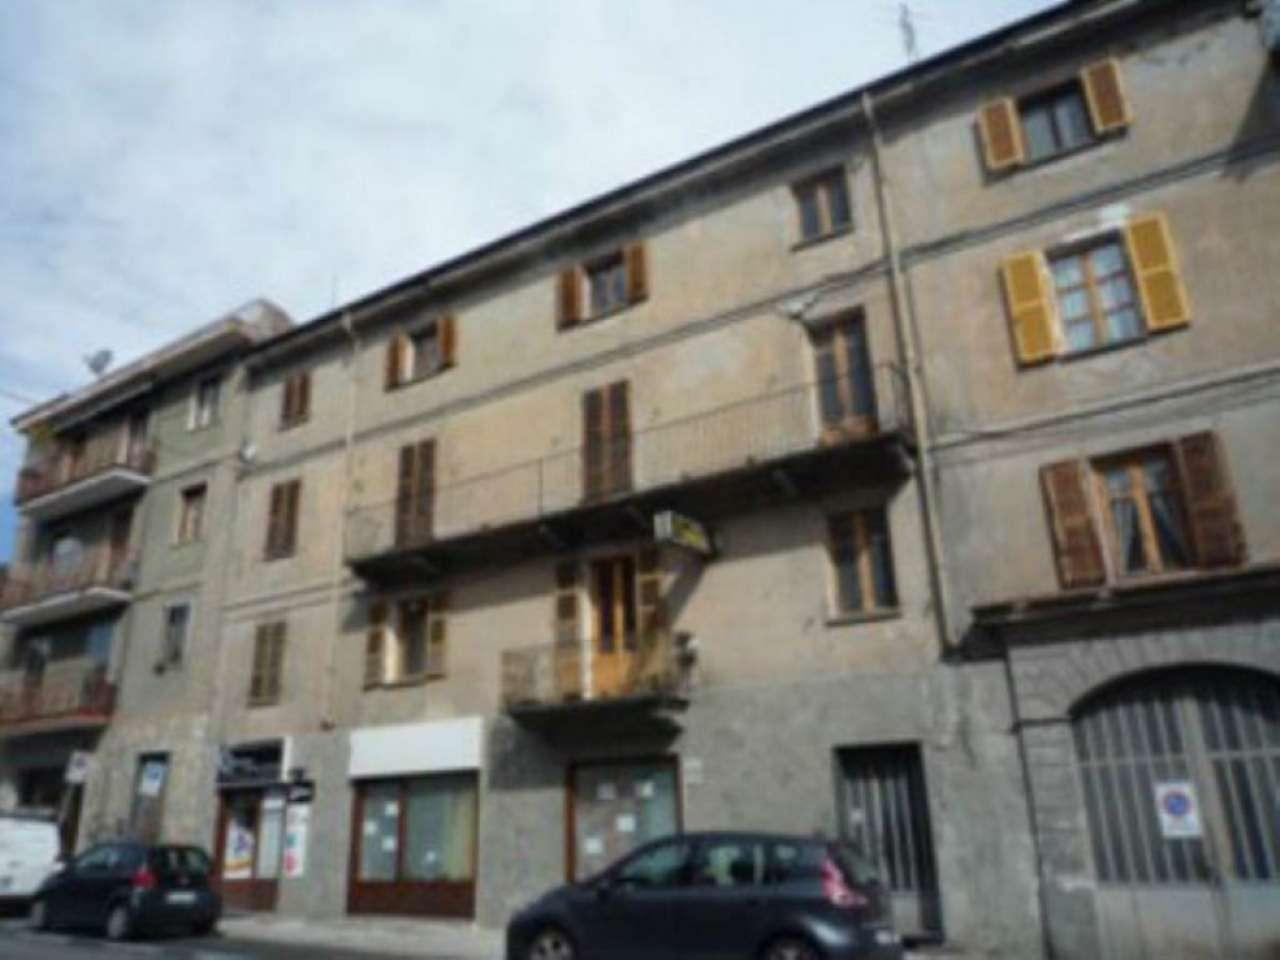 Appartamento in vendita a Susa, 5 locali, prezzo € 42.000 | PortaleAgenzieImmobiliari.it